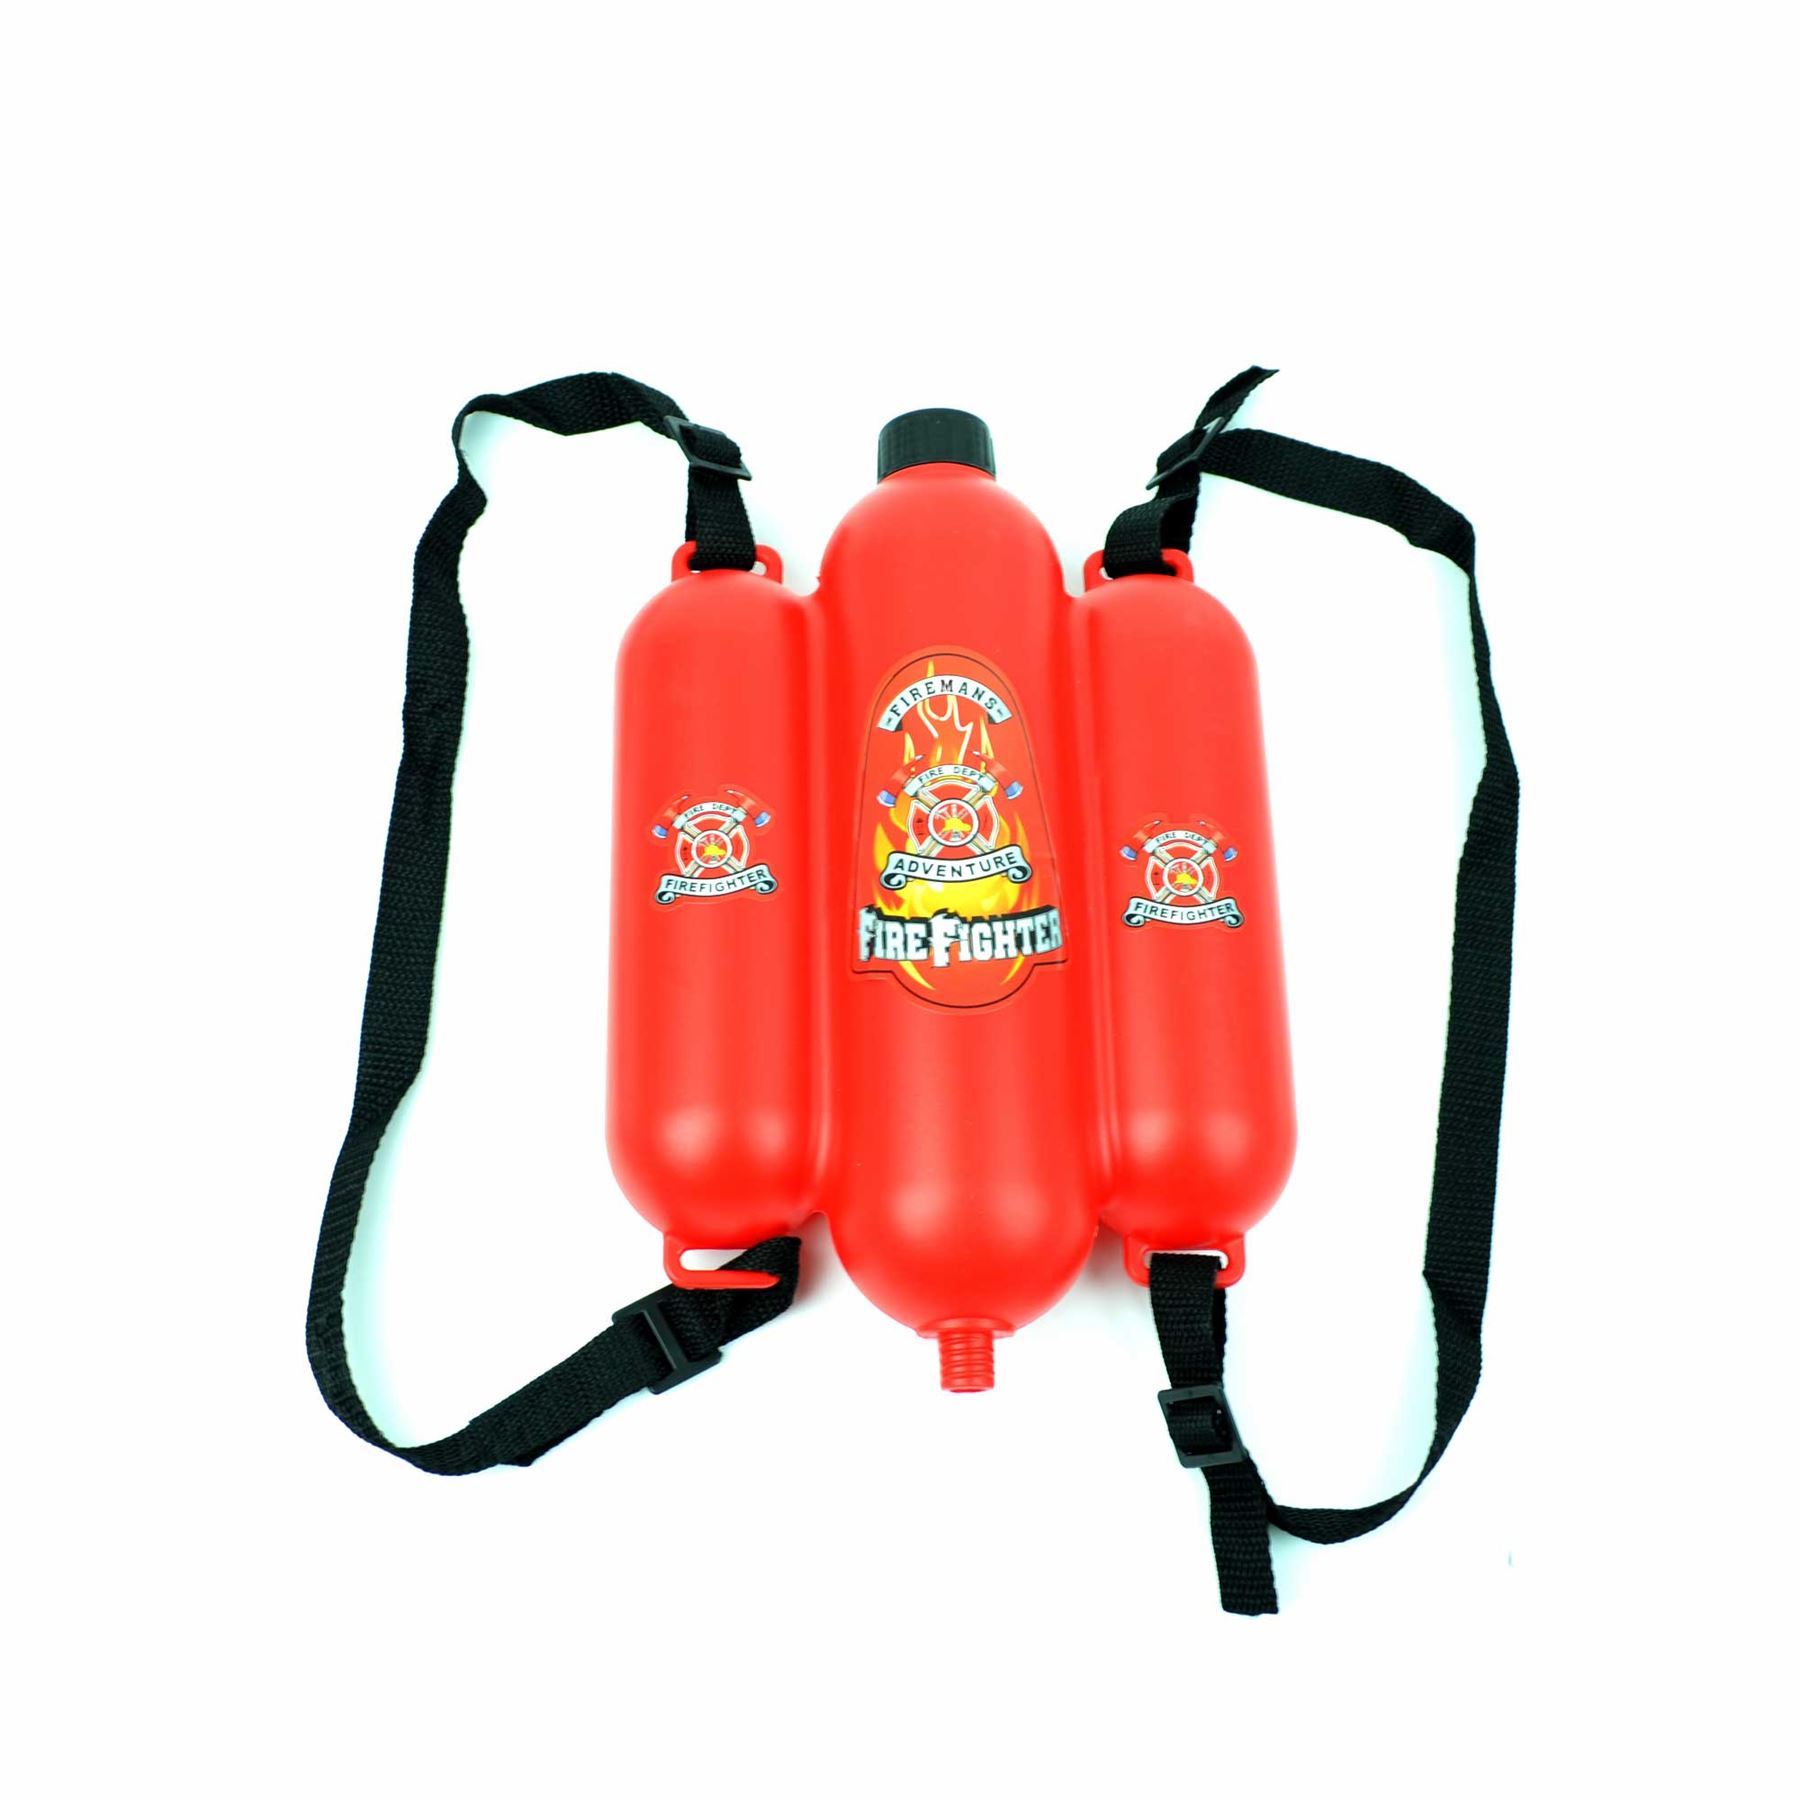 miniature 34 - Large Water Gun Pump Action Super Soaker Sprayer Backpack Outdoor Beach Garden